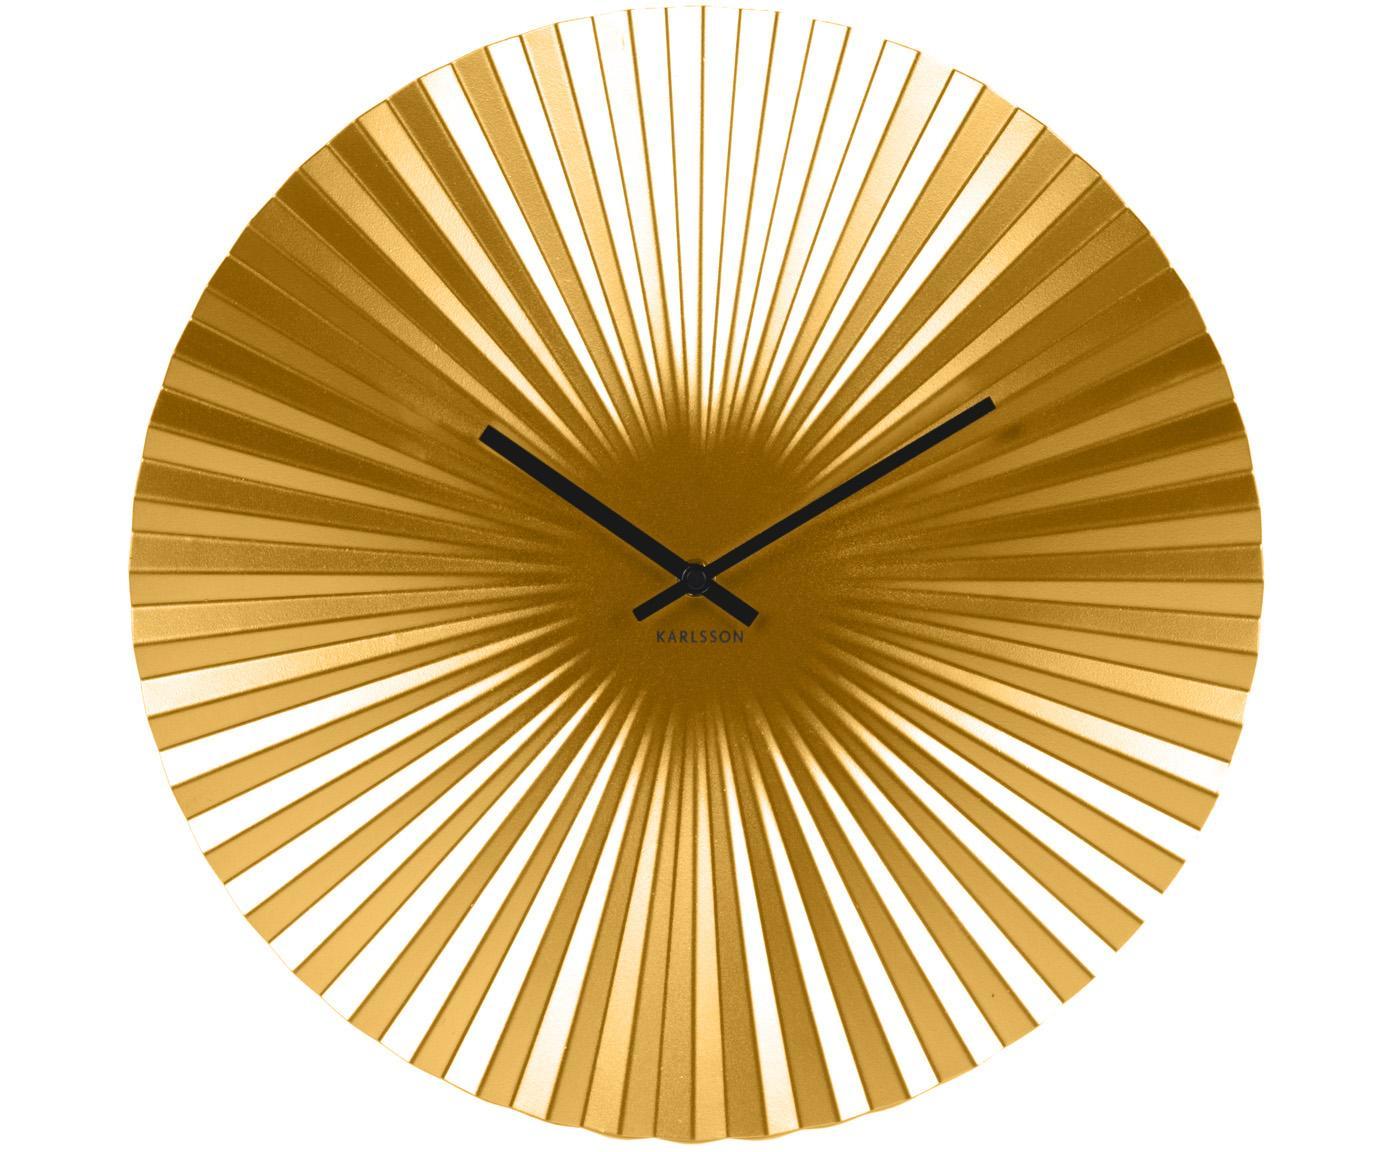 Wanduhr Sensu, Ziffernblatt: Stahl, lackiert, Zeiger: Metall, Goldfarben, Ø 40 cm